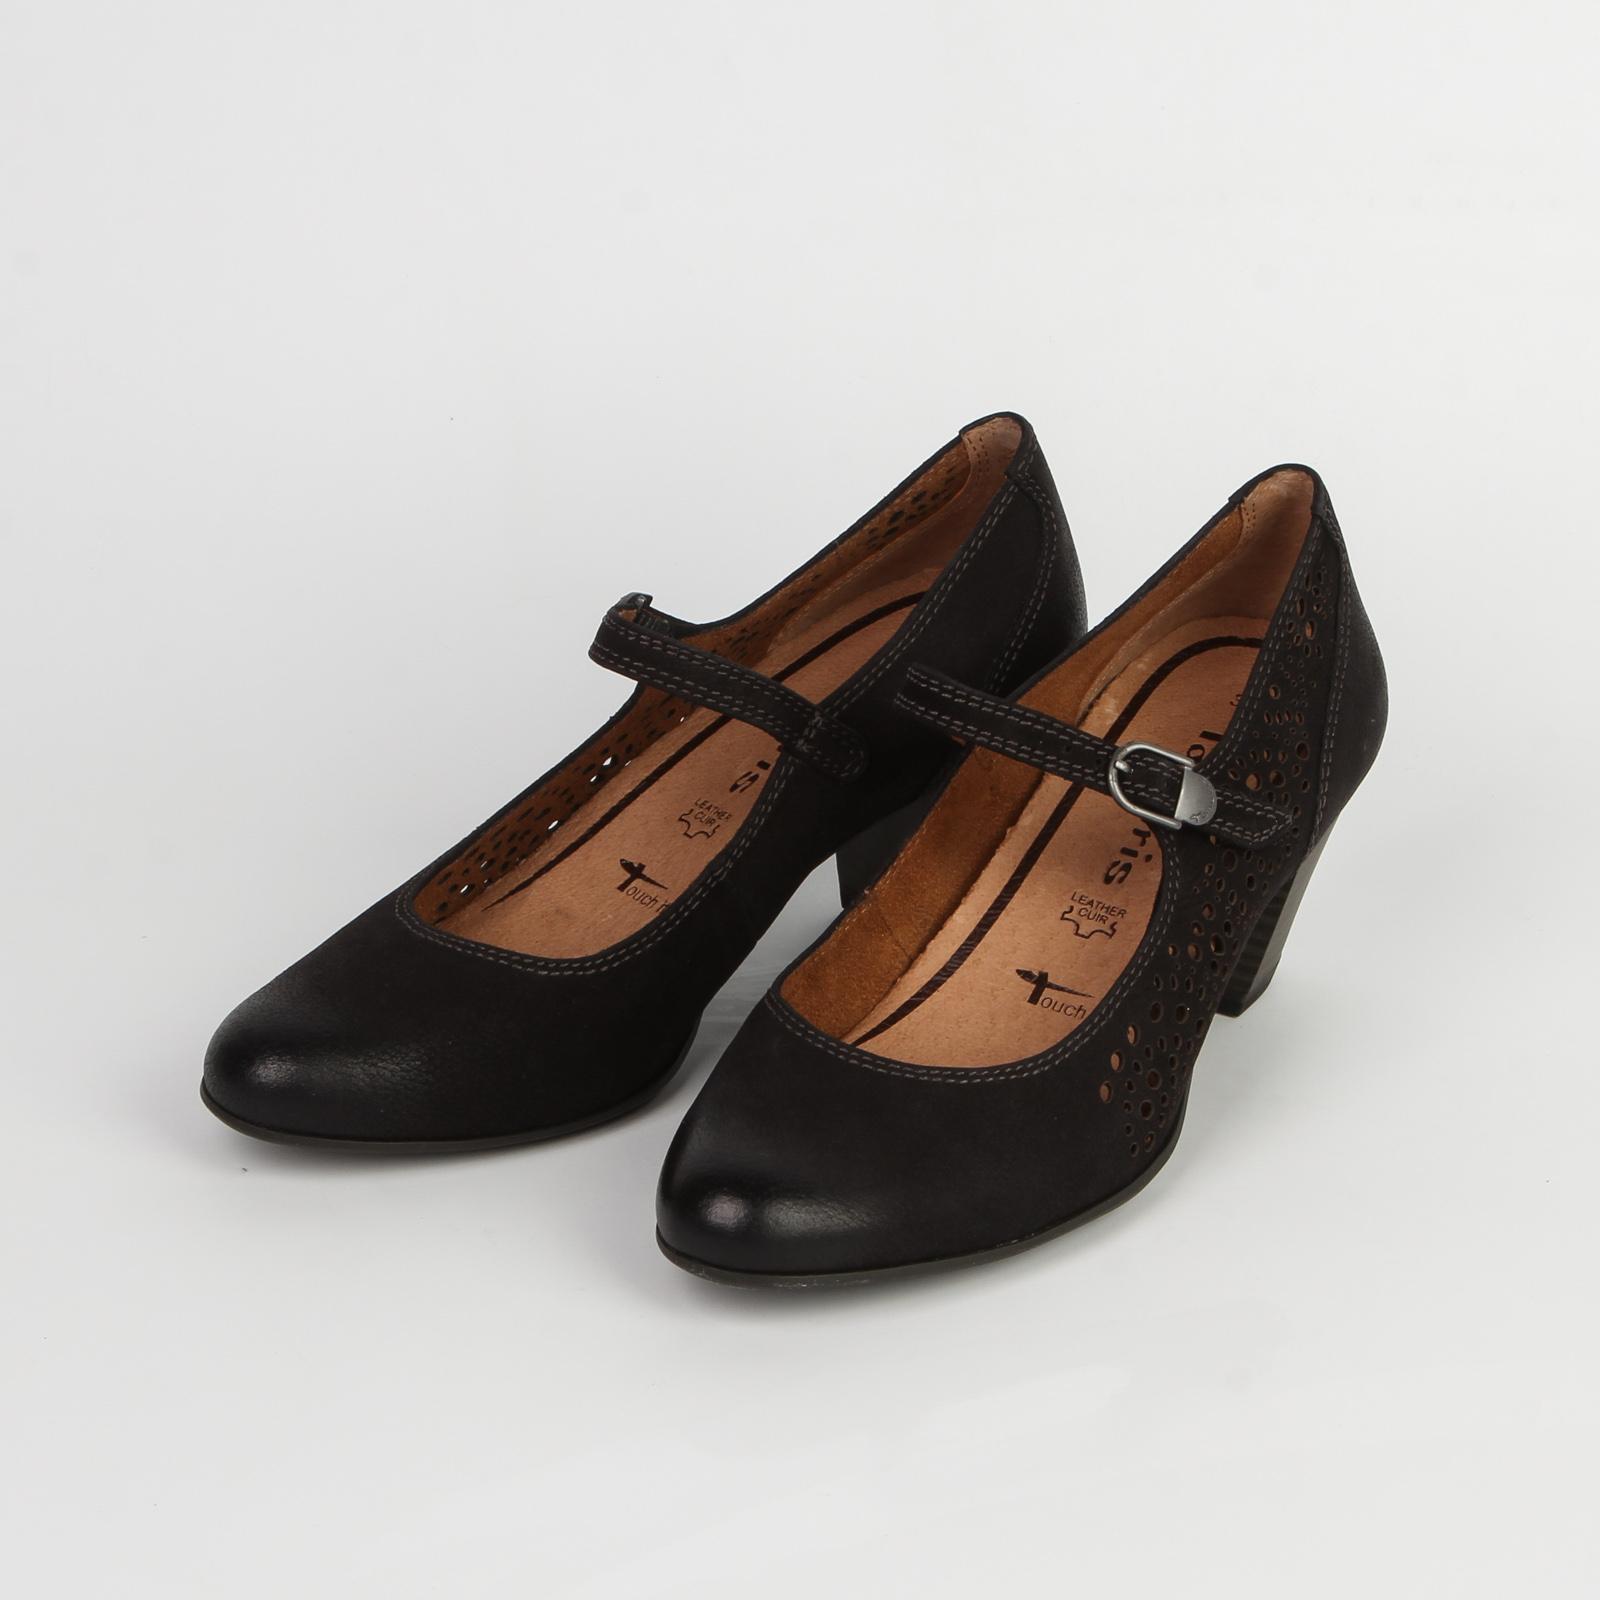 Туфли женские из натуральной кожи украшенные перфорацией с регулируемым ремешком